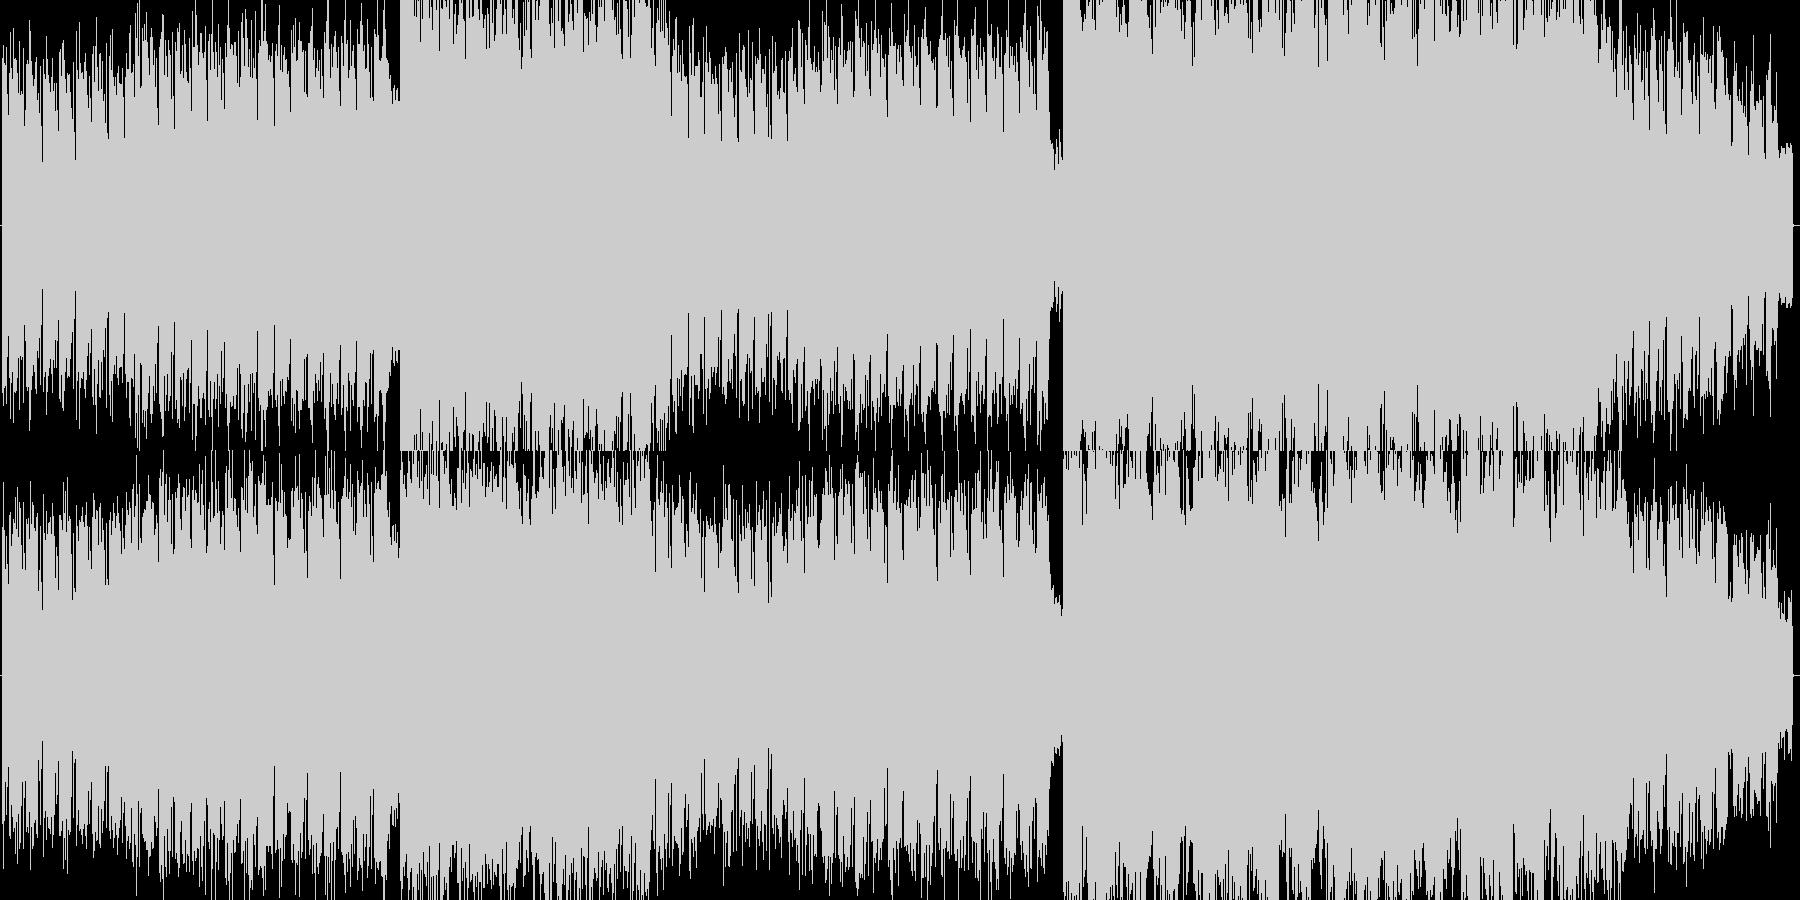 ギターのリードが印象的なデジタルロックの未再生の波形